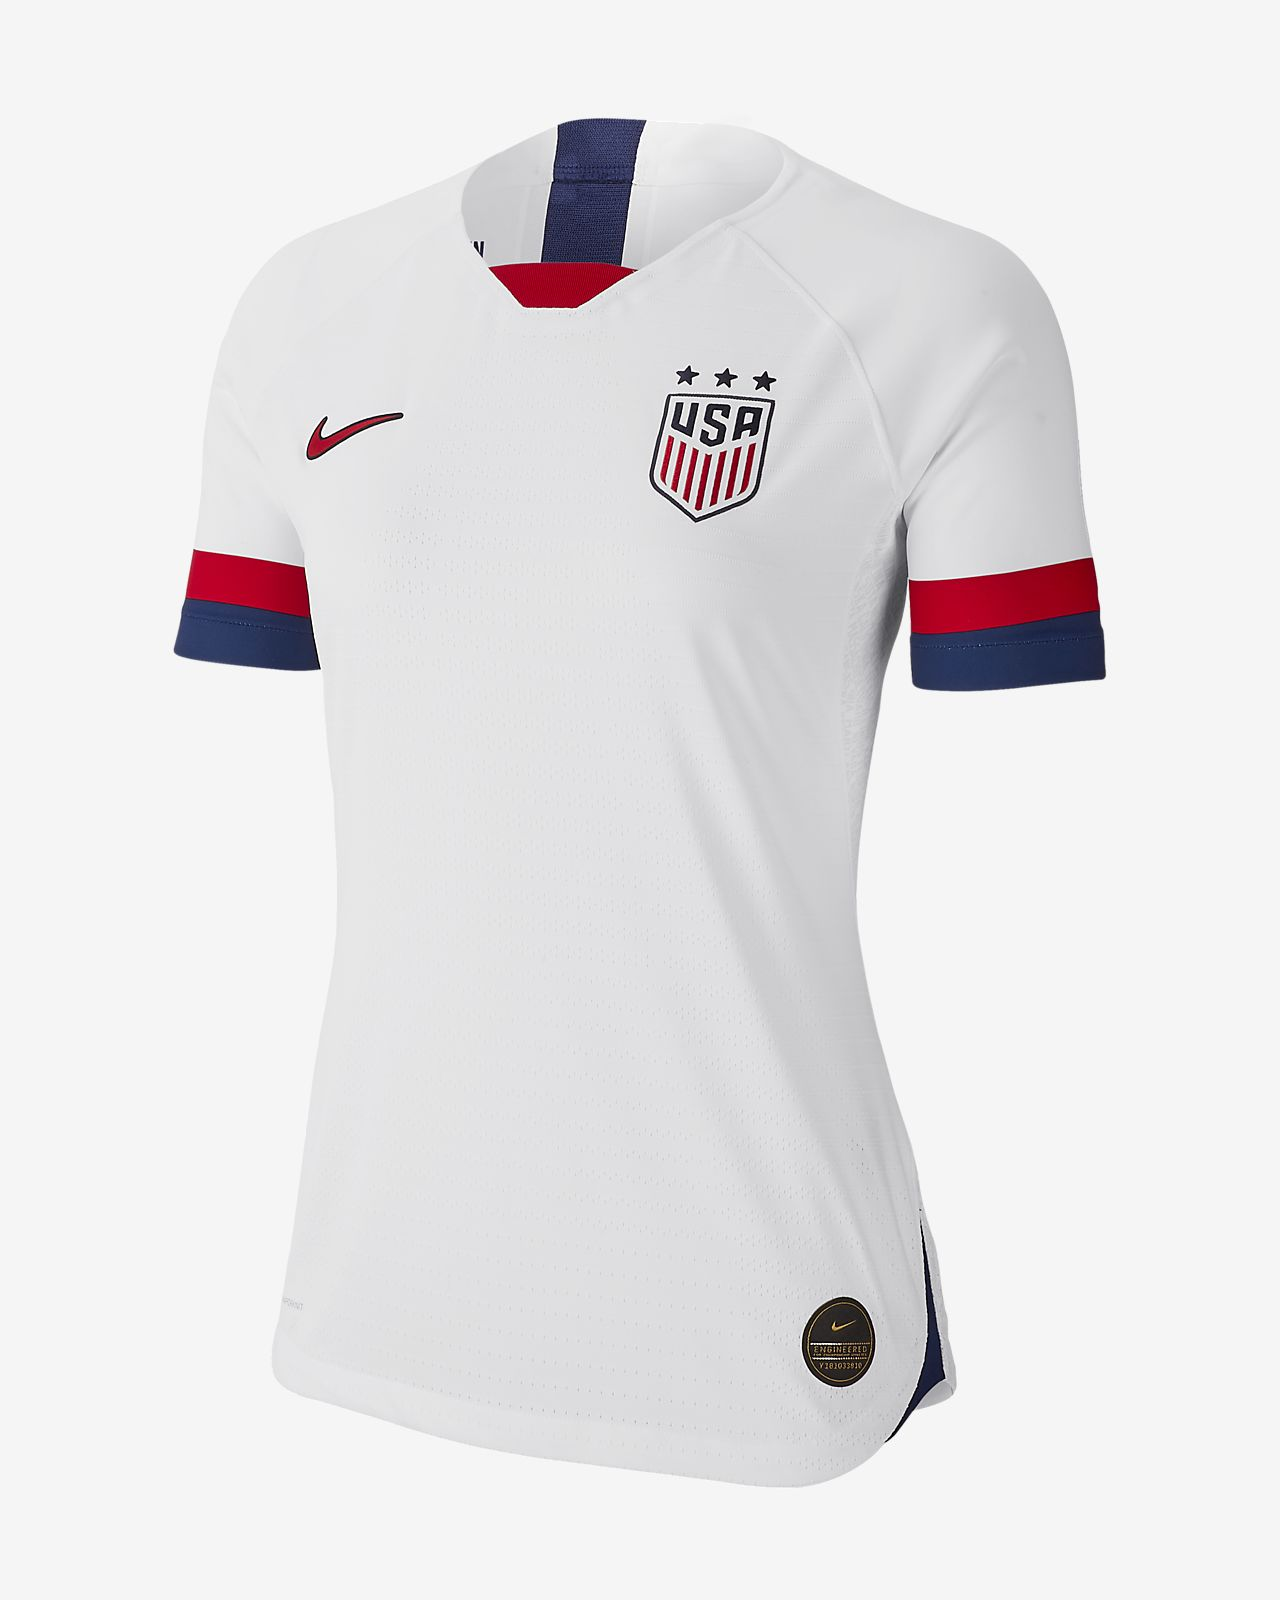 U.S. Vapor Match 2019 Women's Home Jersey